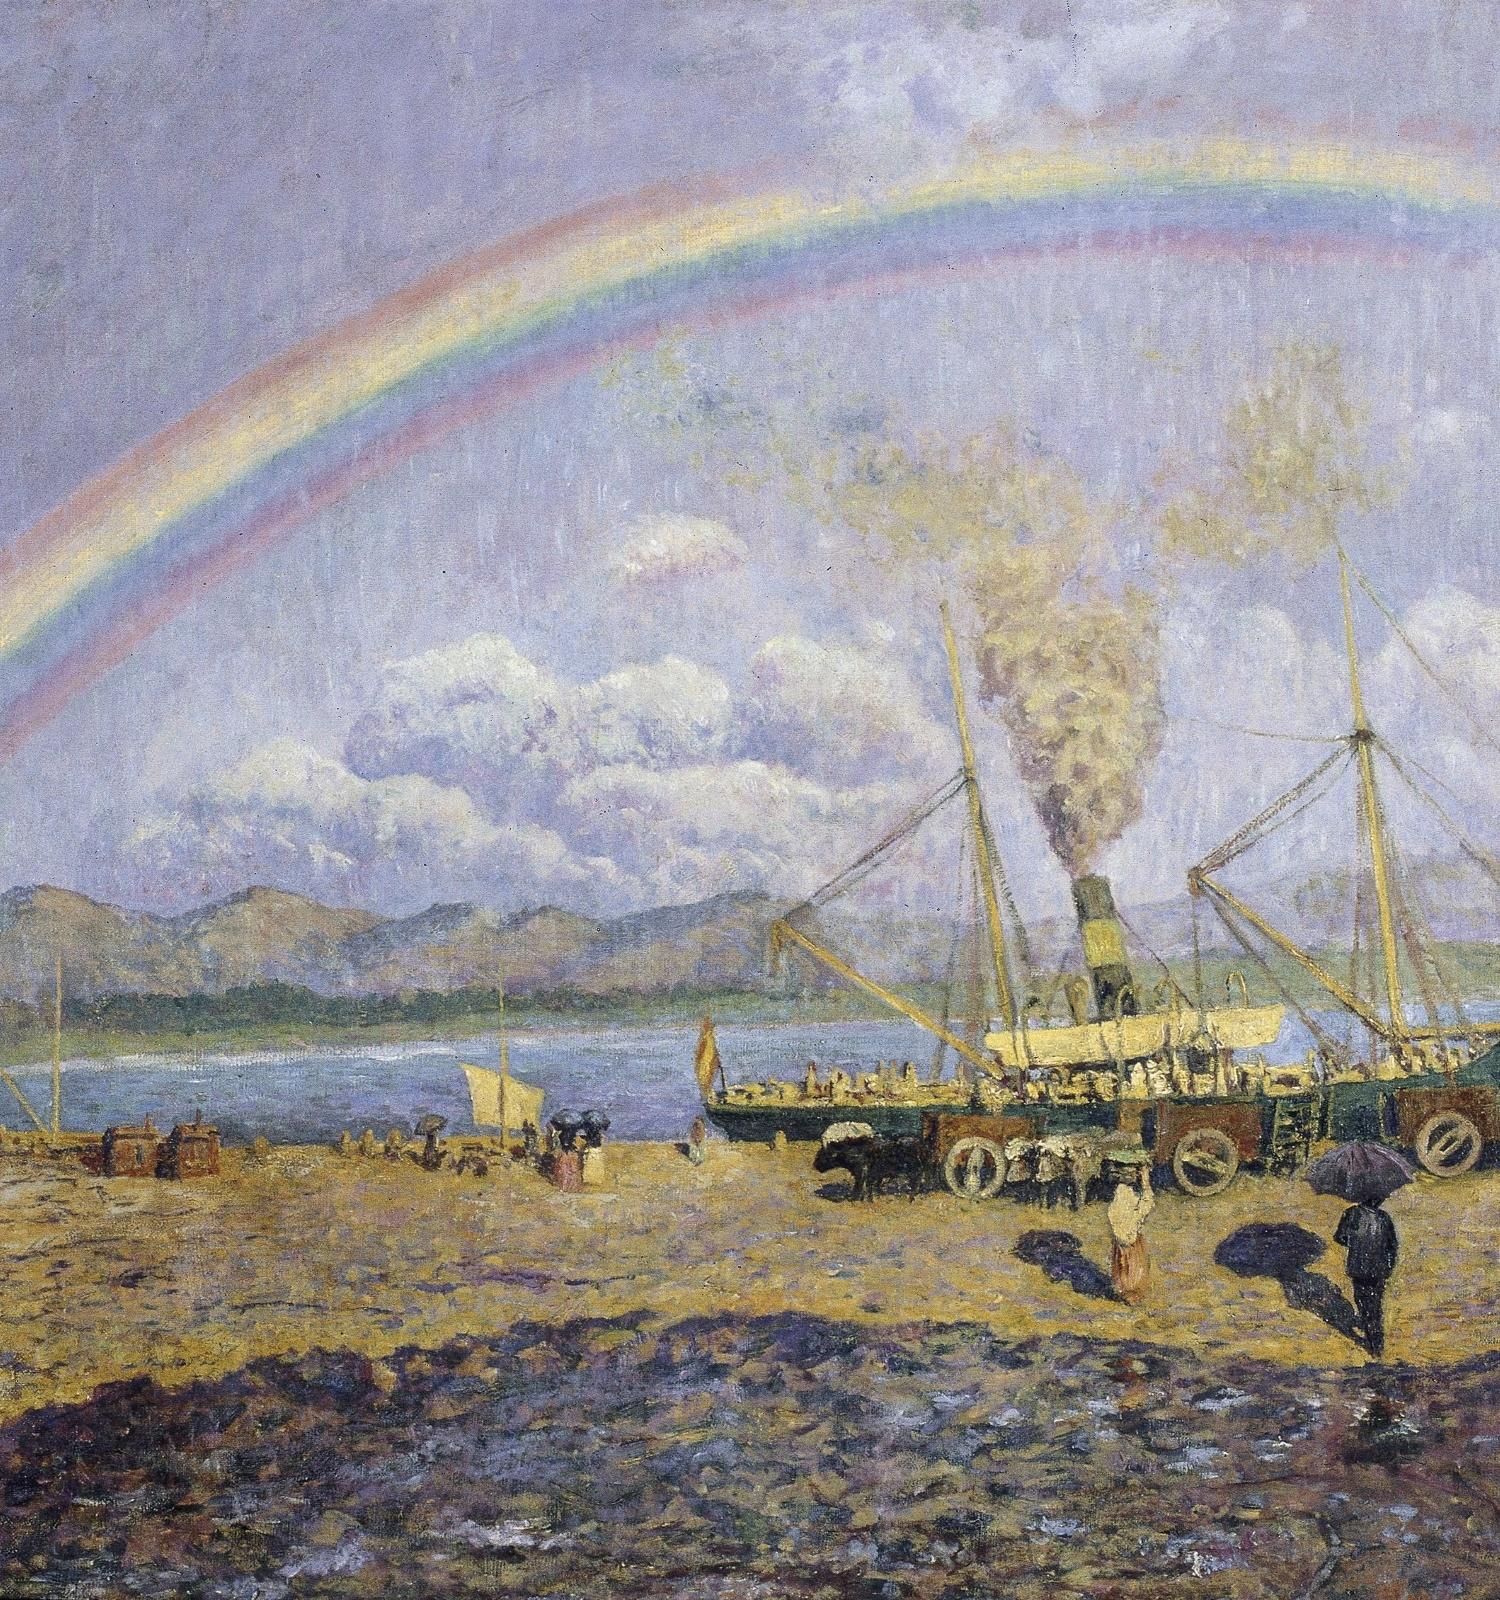 El xàfec. Badia de Santoña, Darío de Regoyos, 1900